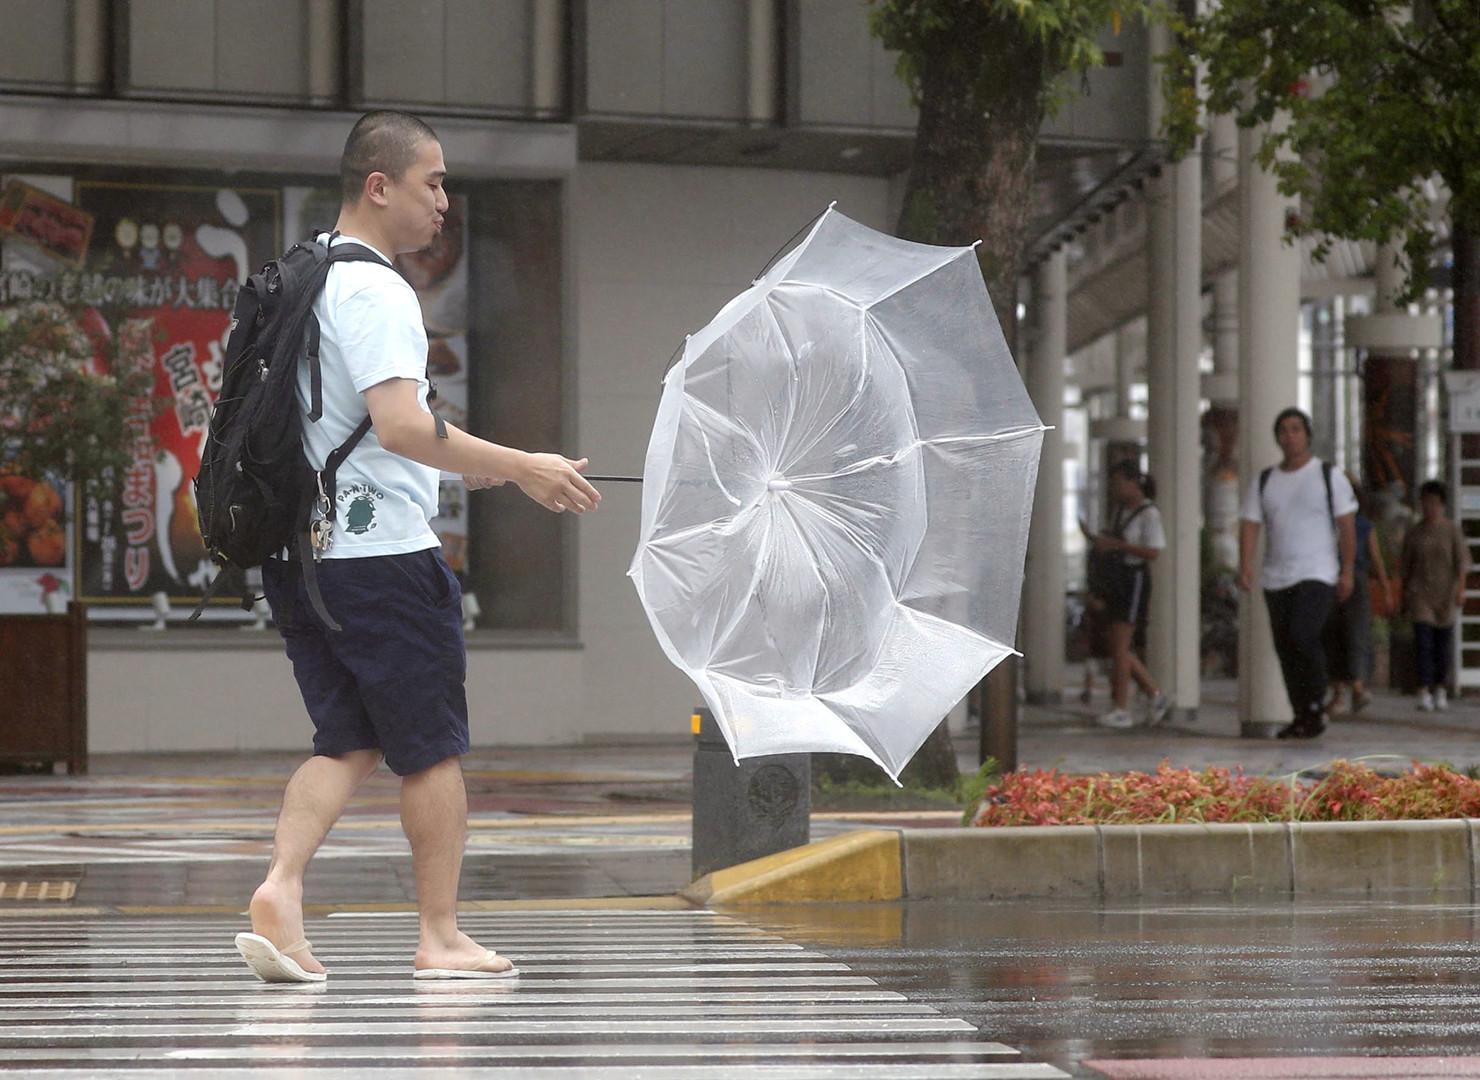 اليابان.. إجلاء نصف مليون شخص تحسبا لإعصار